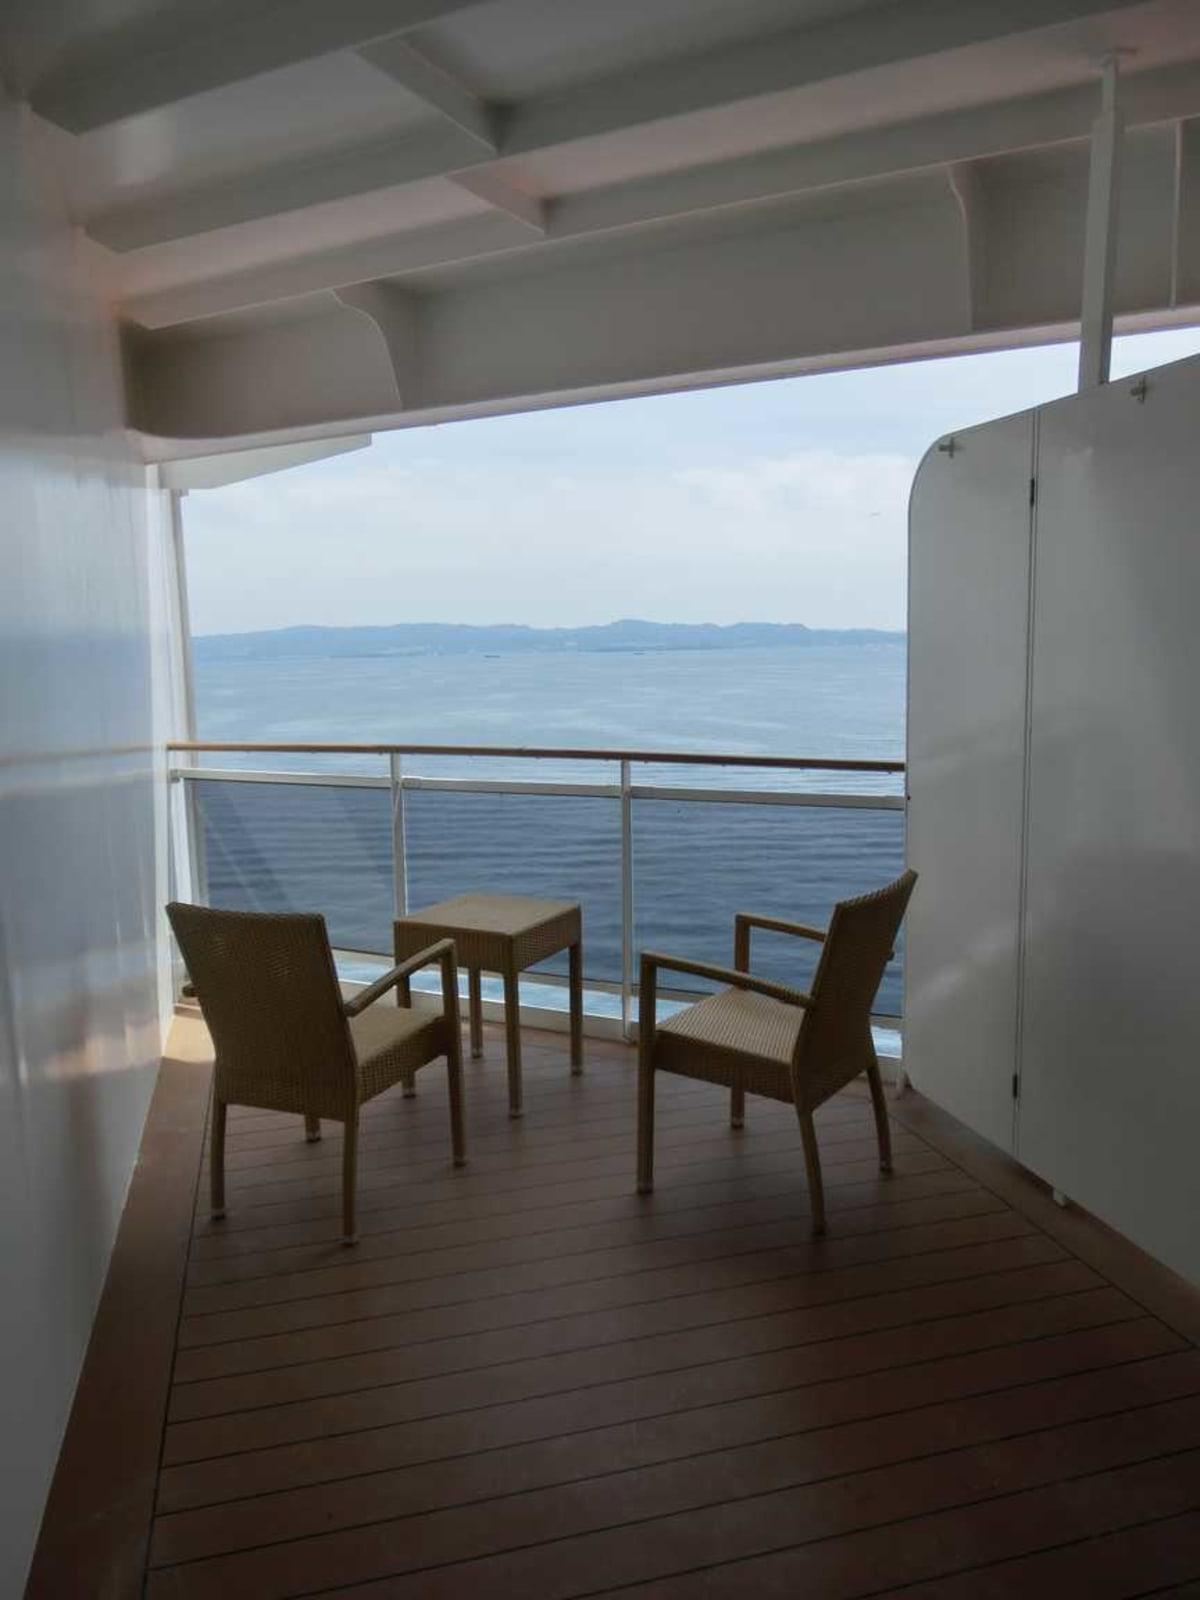 バルコニー広めの客室だったのですが、手前の空間は異臭がしているし、活用出来ませんでした。サマーベッドを置けるくらいスペースが余っているのに、普通と同じテーブルと椅子しか無いのが残念でした。 | 客船MSCスプレンディダの客室